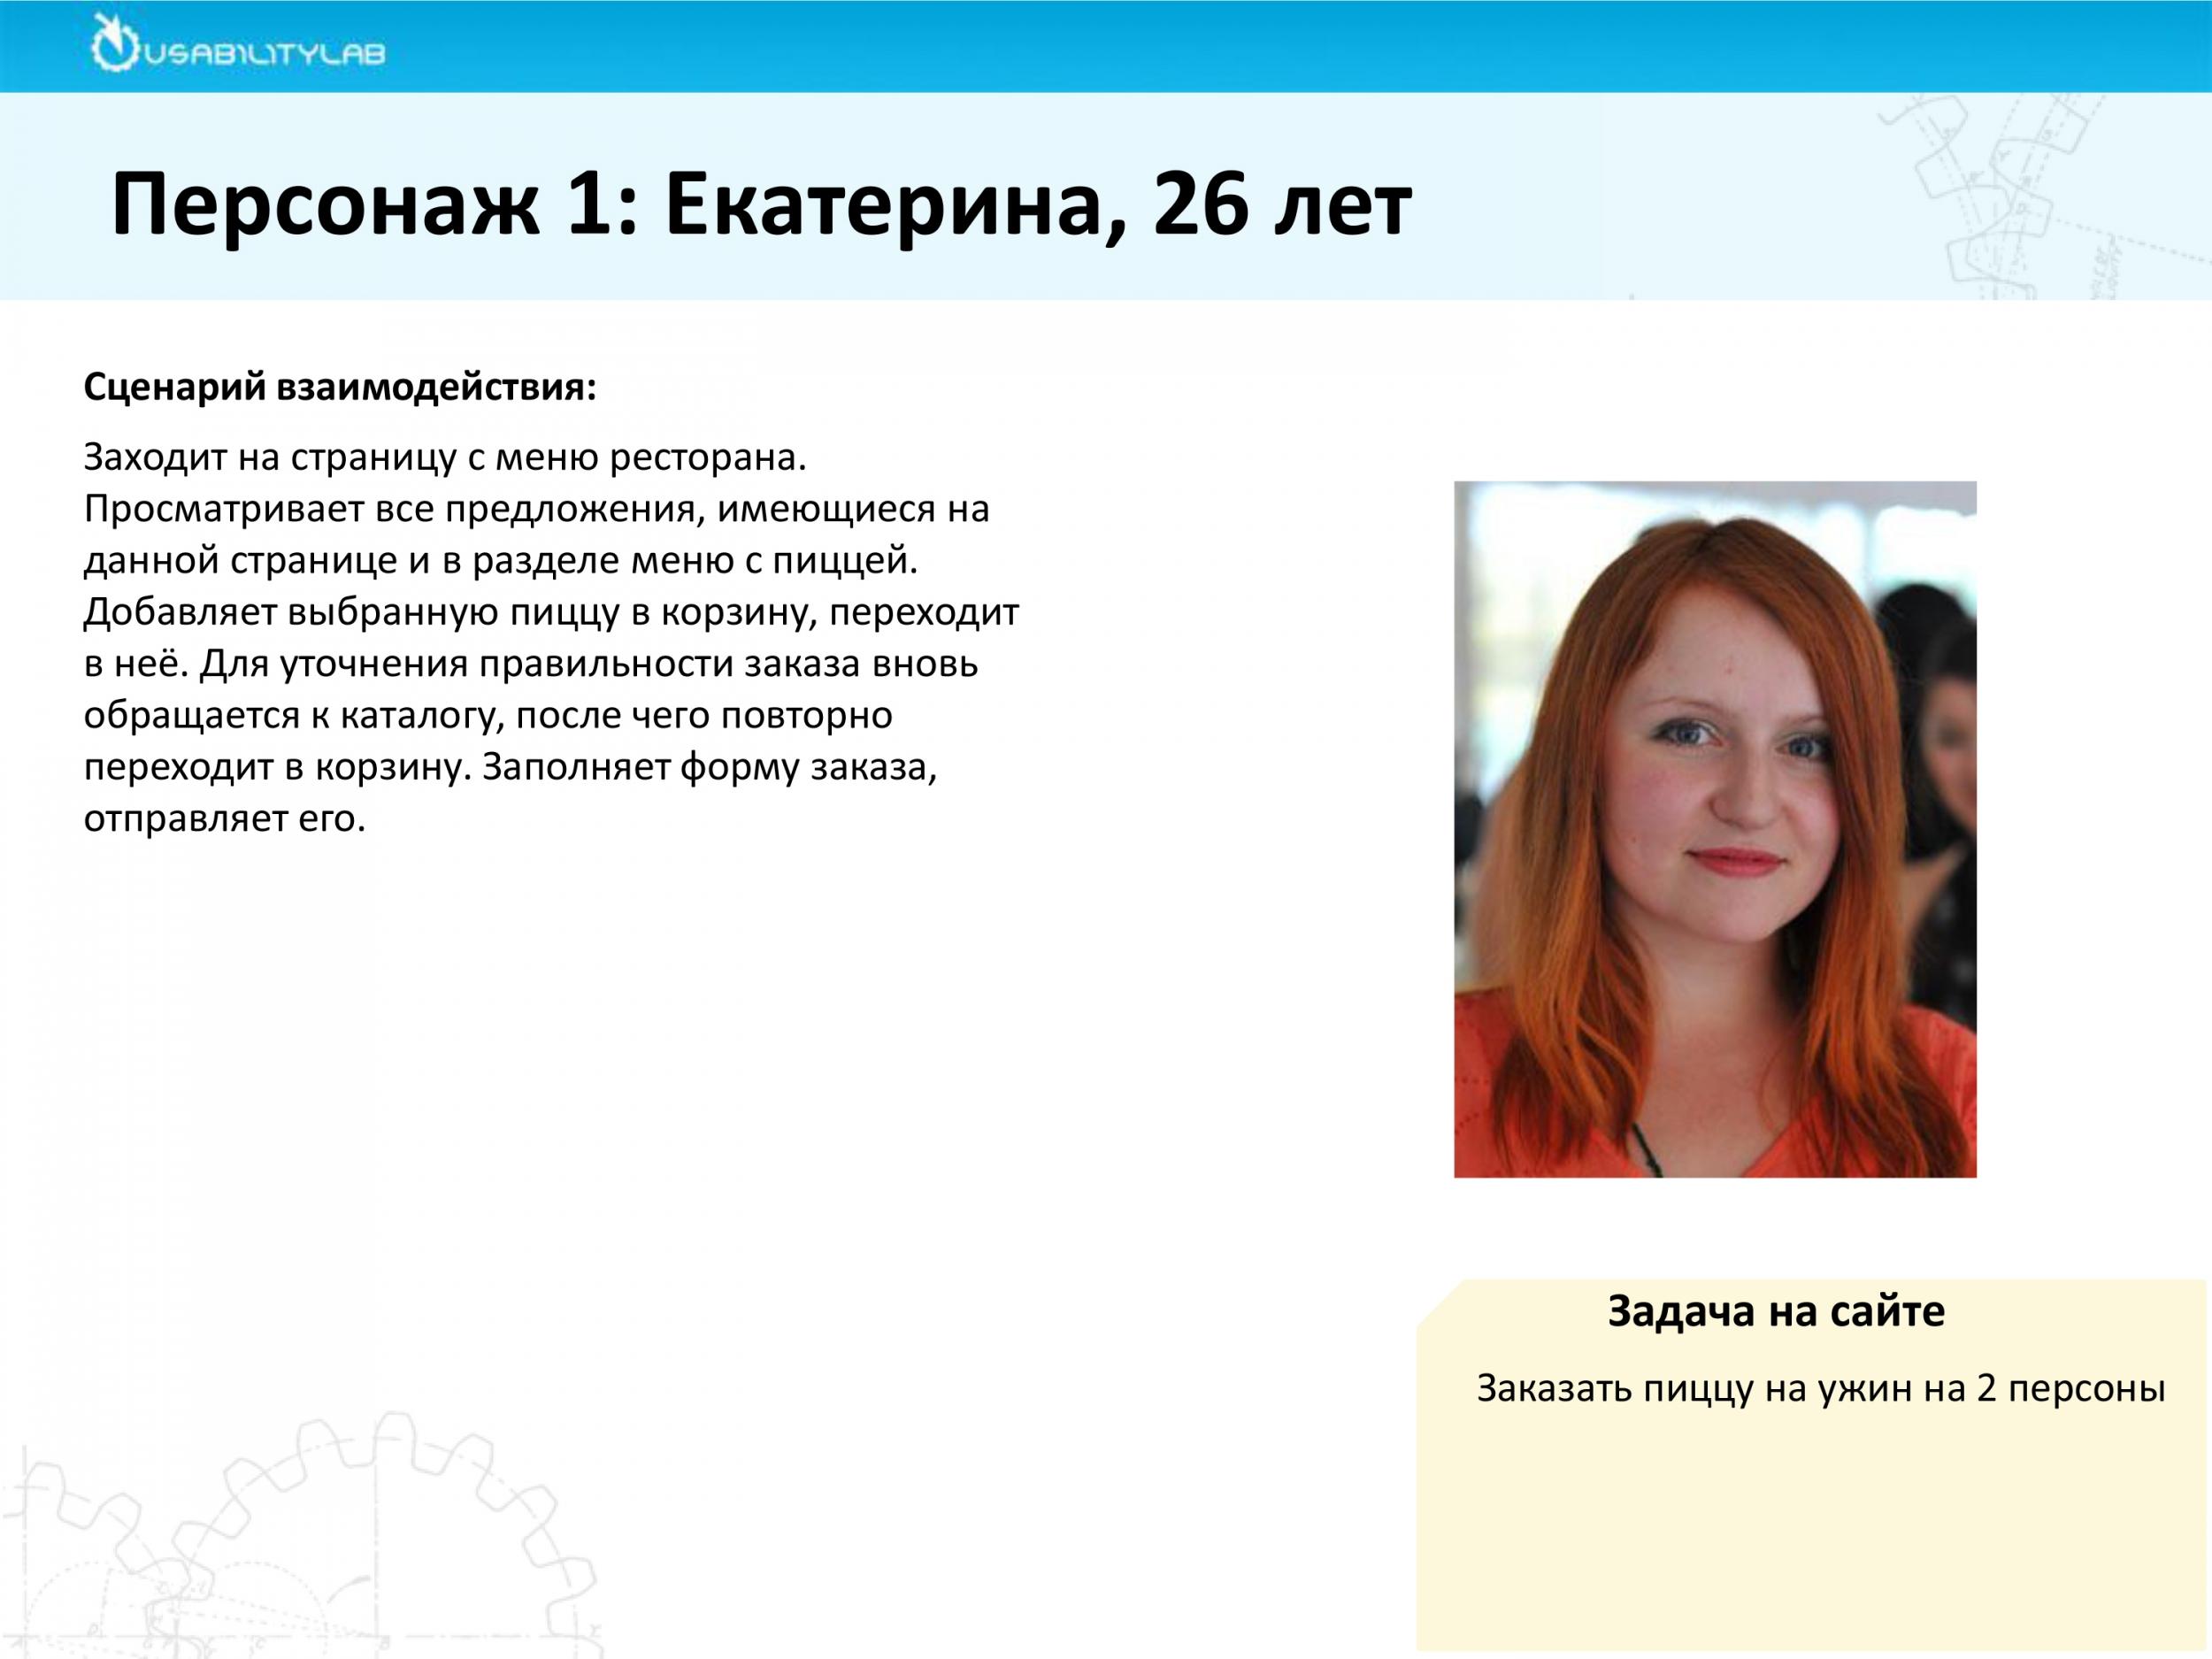 b_542bd6b17a99e.jpg